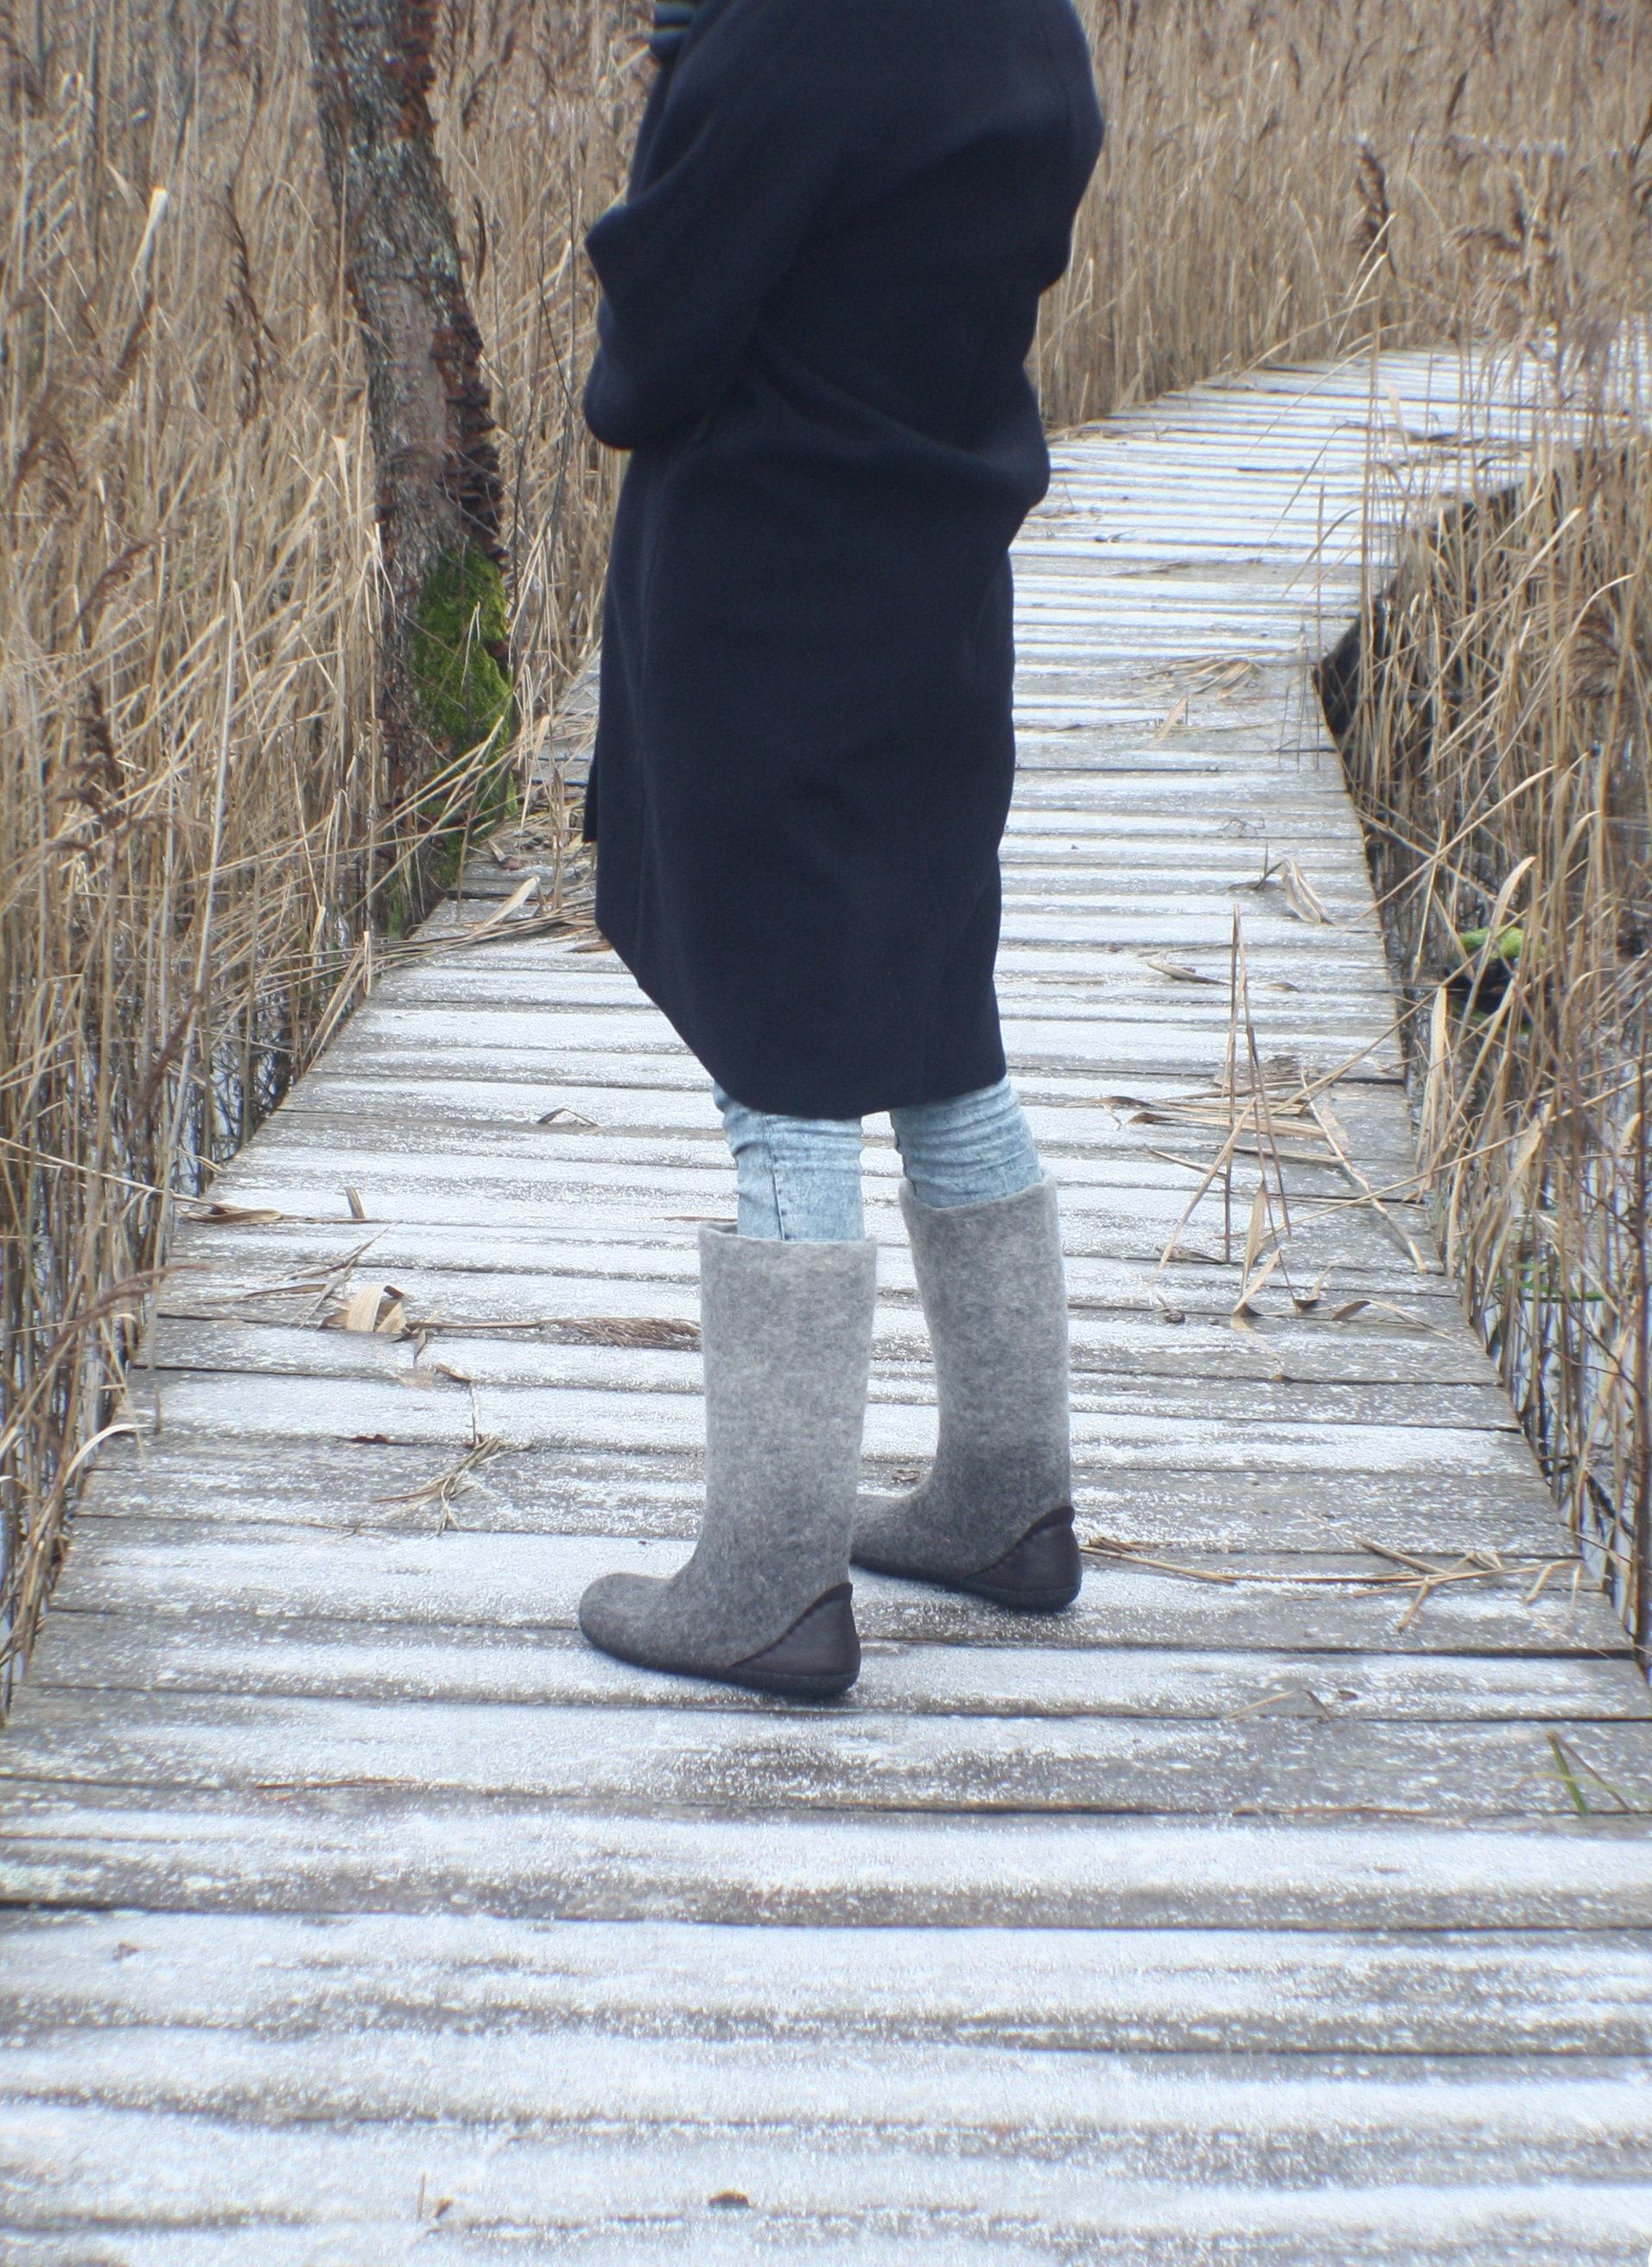 bottes pour femmes - neige feutrés d'hiver bottes - chaussures d'hiver feutrés - valenki - chaussures d'hiver - bottes - bottes - laine gris charbon, laine bouillie 3f2de1